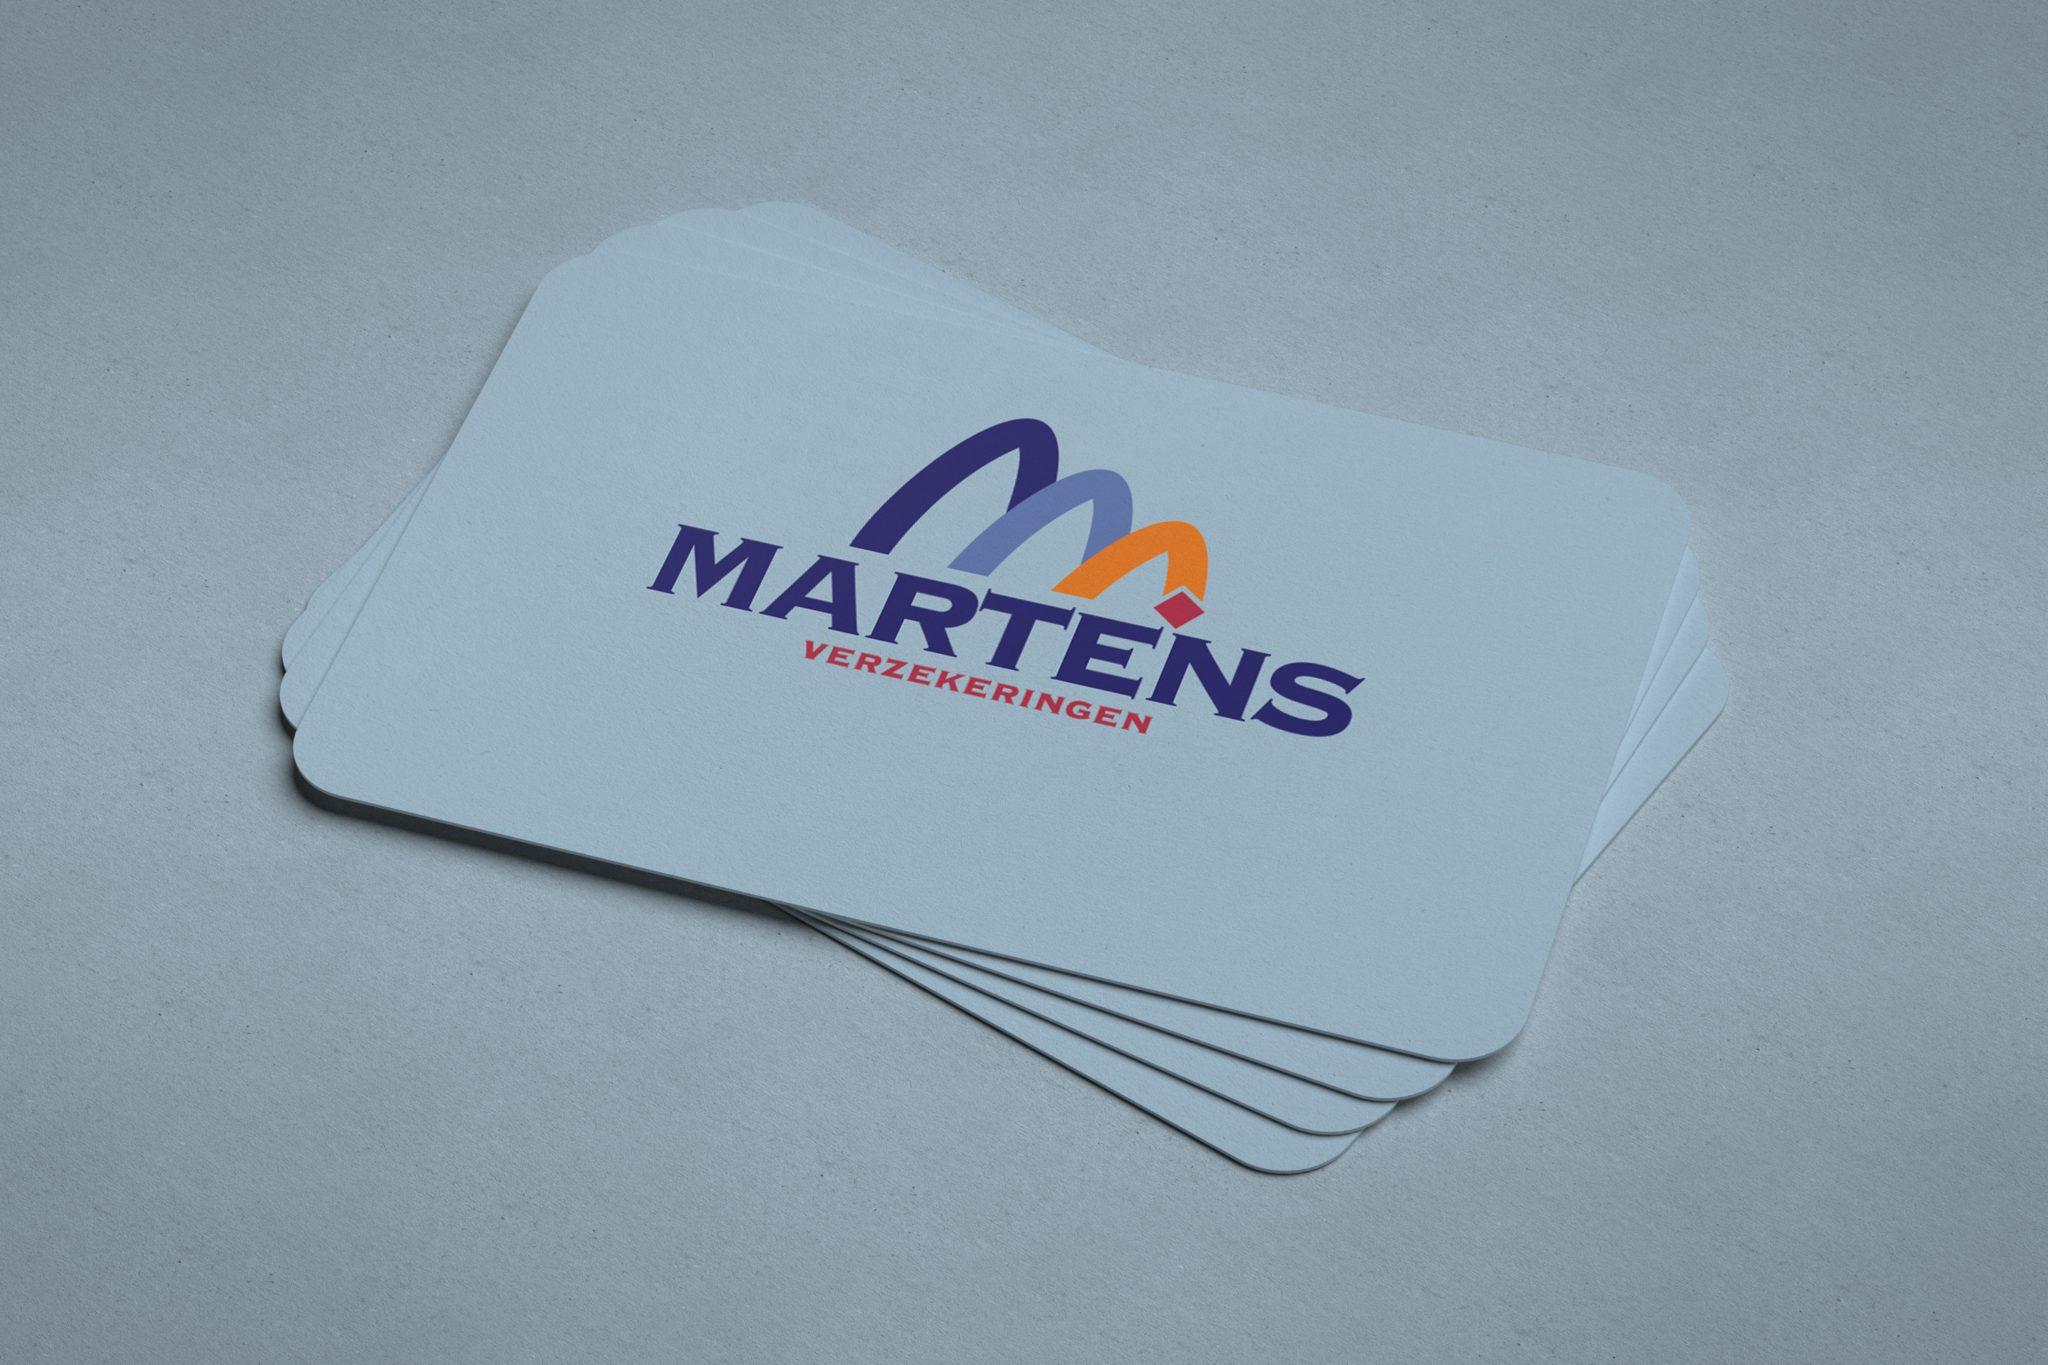 Visitekaartjes Martens verzekeringen